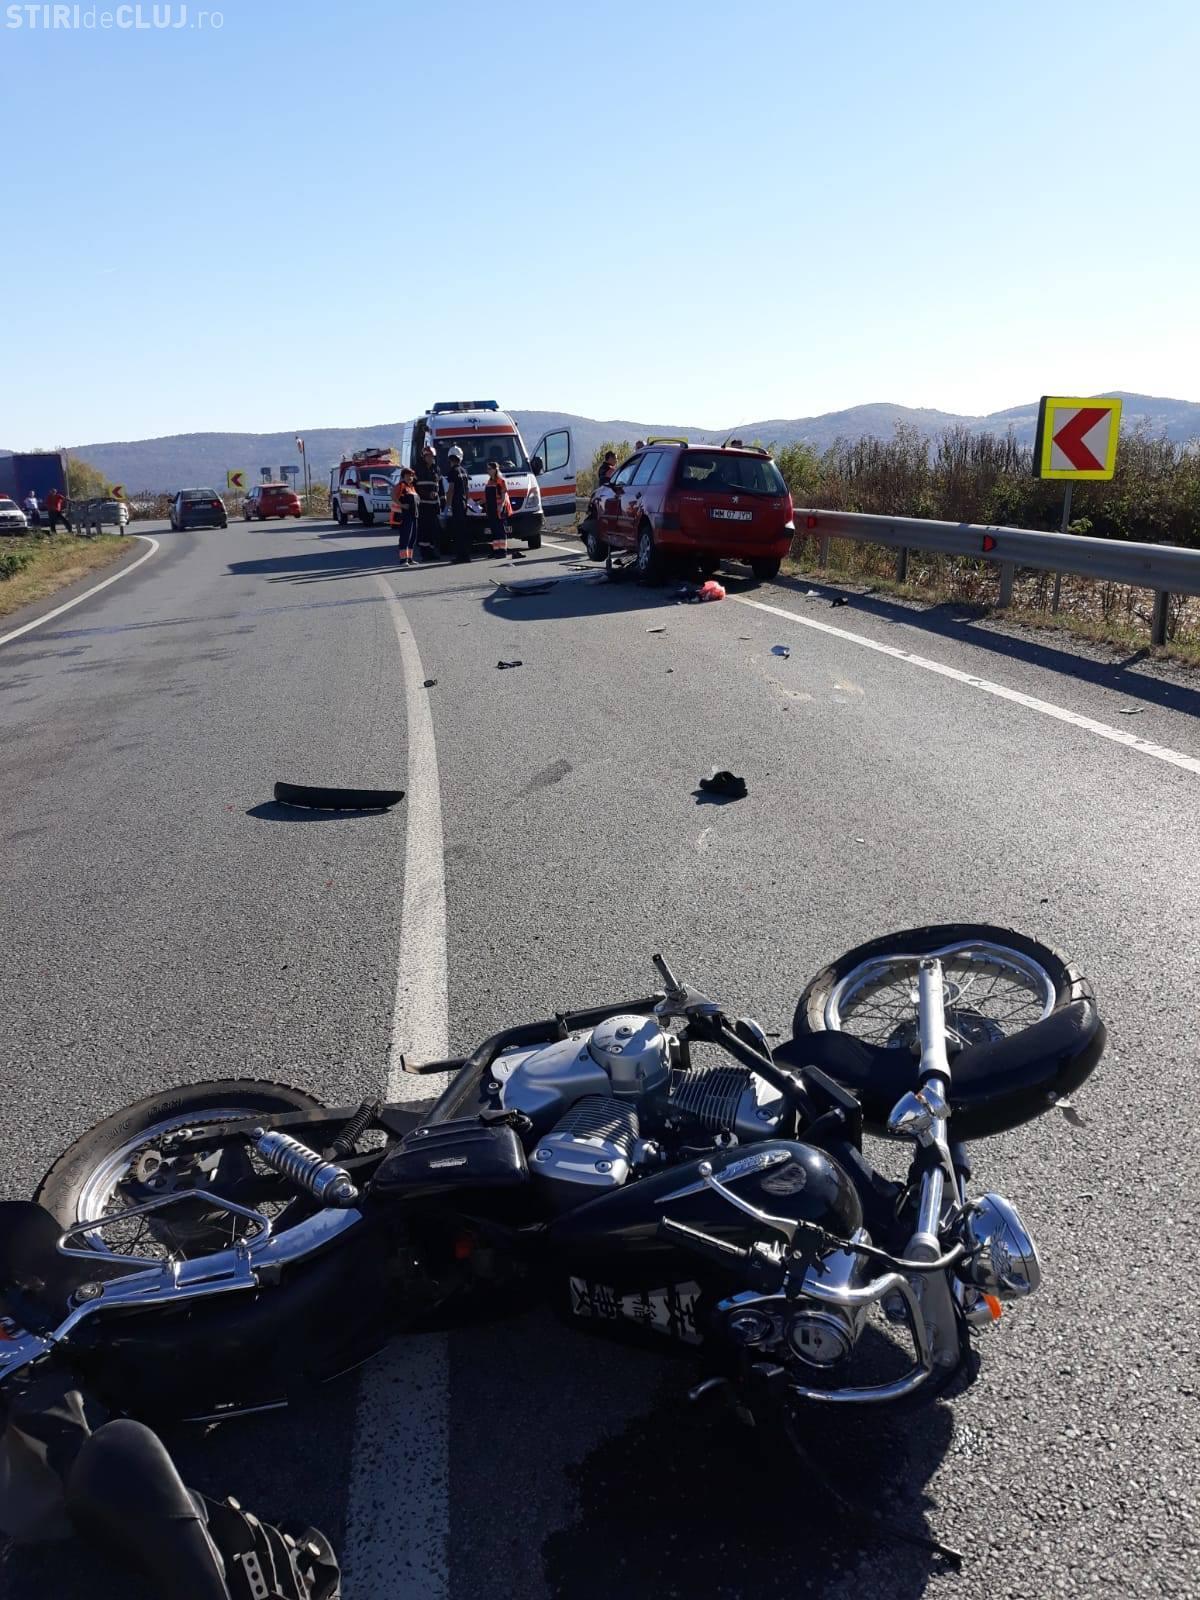 Motociclist mort la Câțcău, după Dej. A intrat sub o mașină, după ce a fost lovit de alt șofer - FOTO